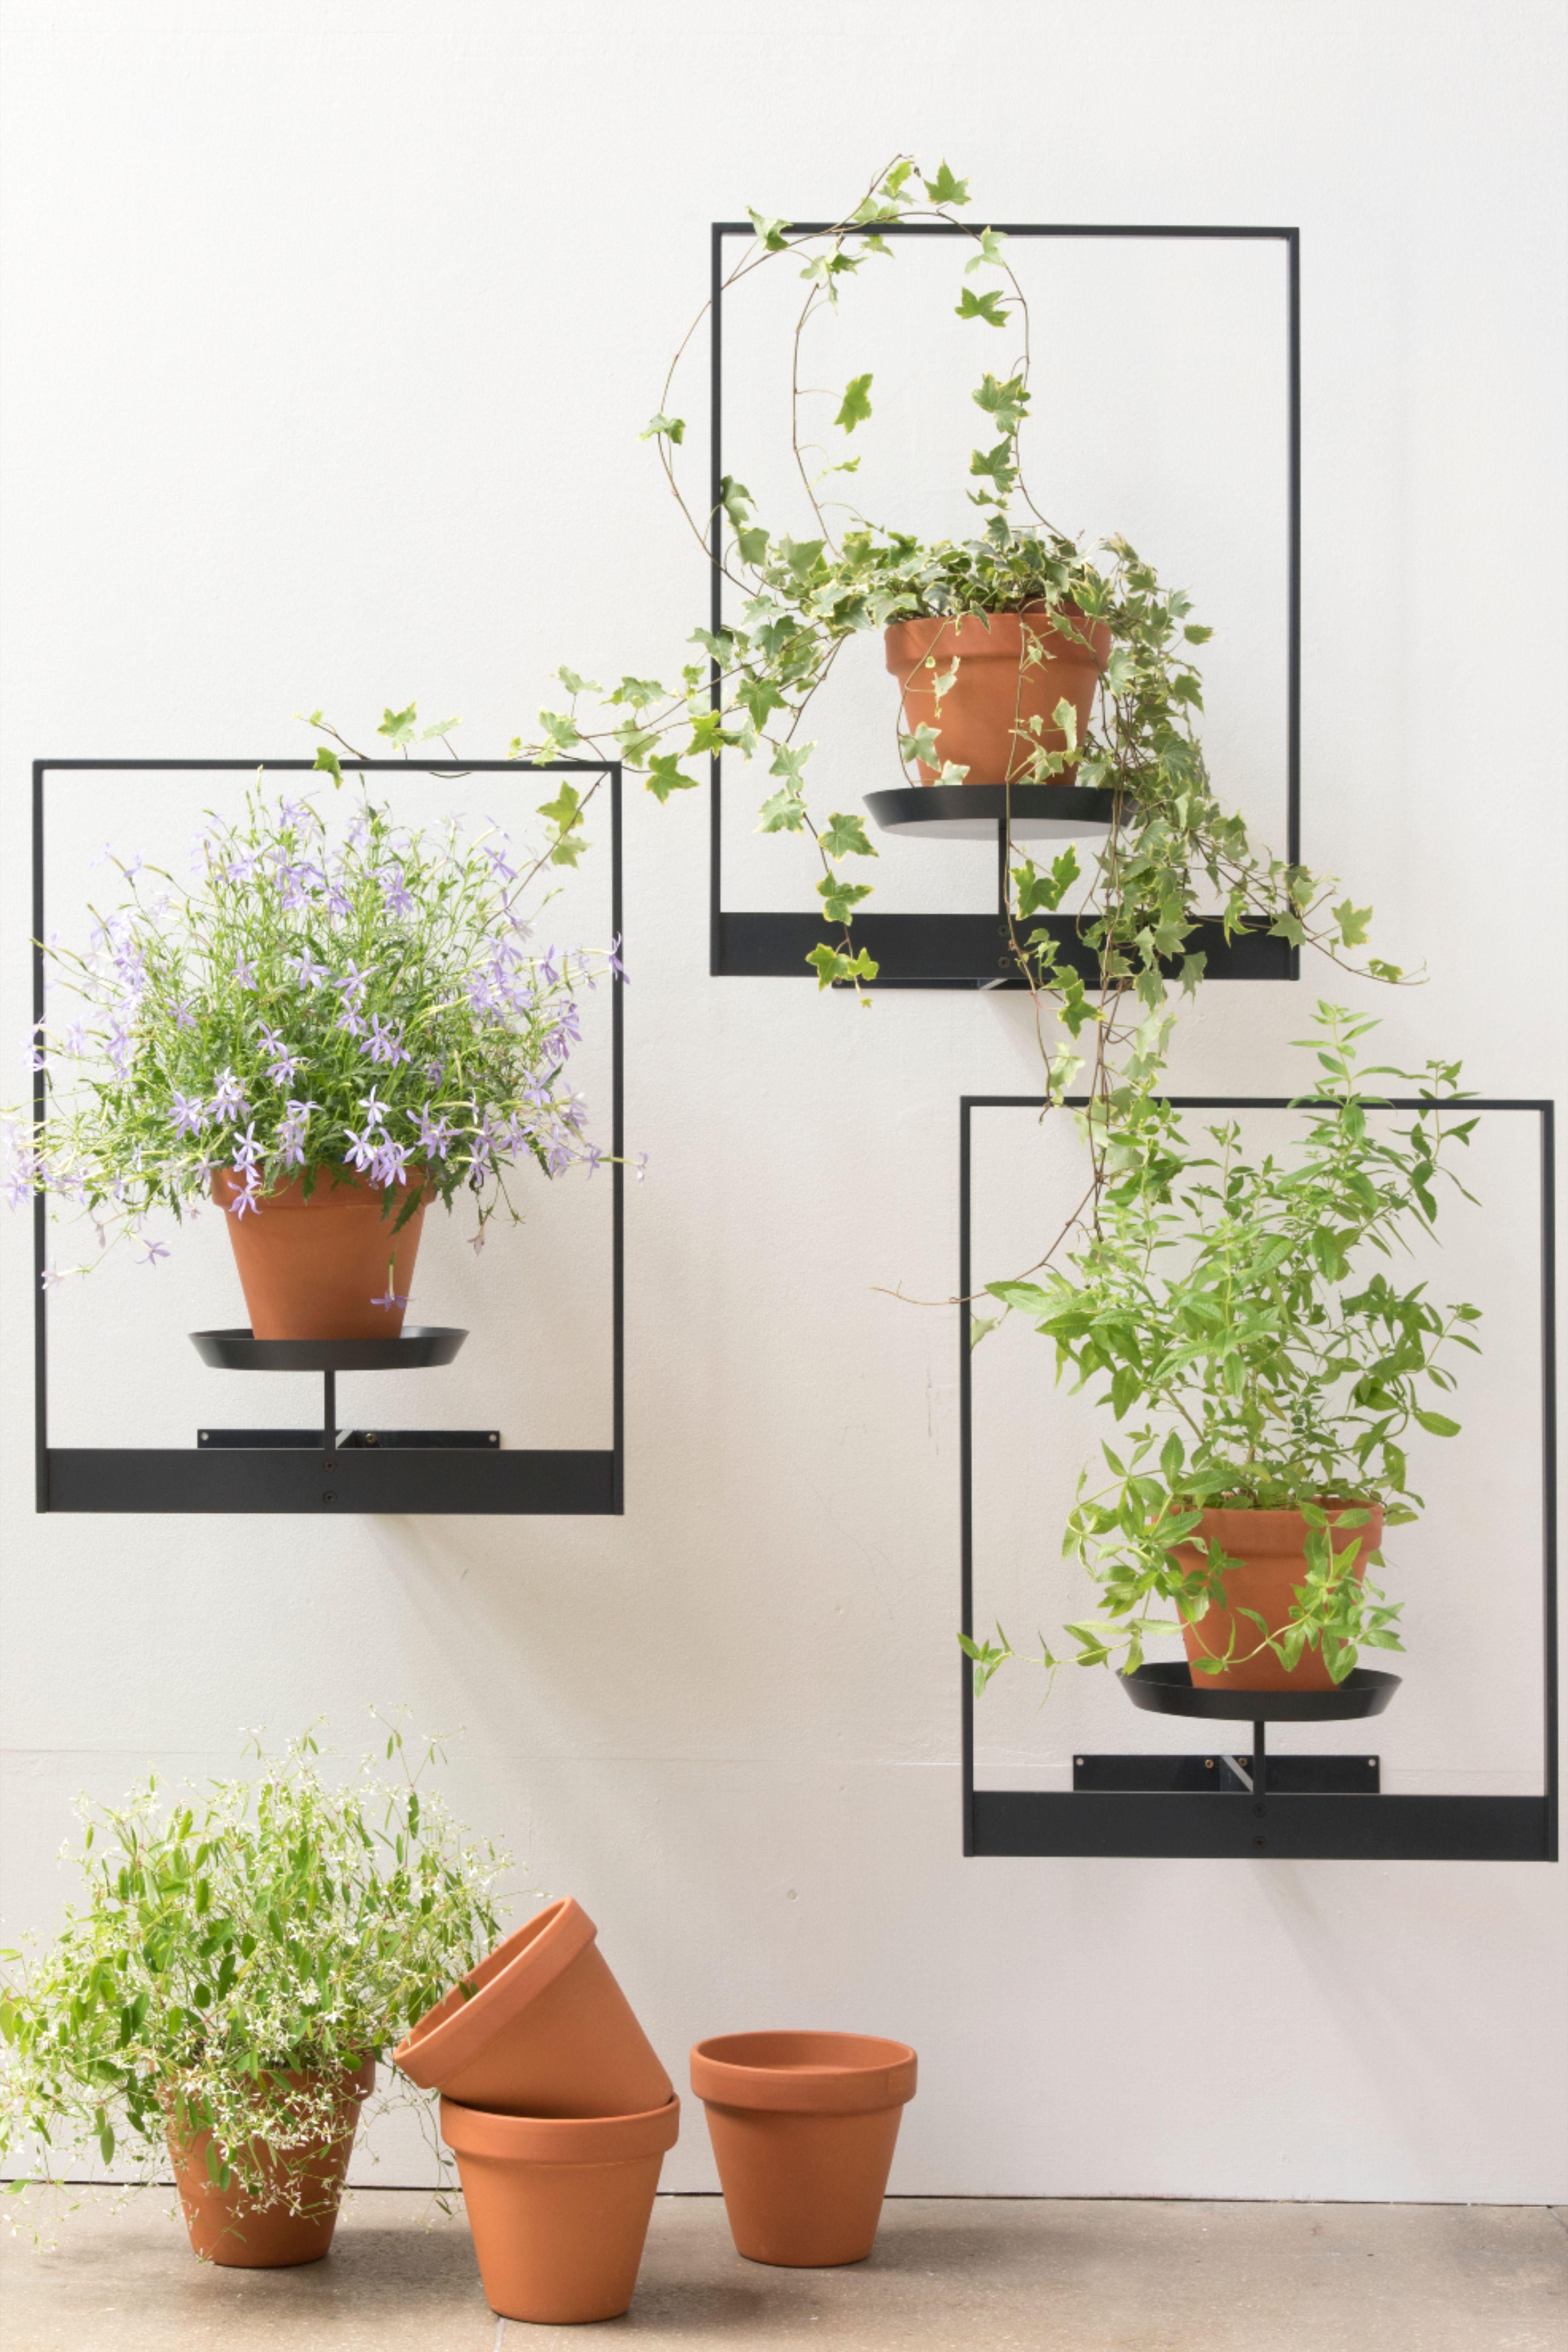 Interieur En Mode Jardin D Hiver En 2020 Support Pour Plante Tablettes Pour Plantes Etagere Plante